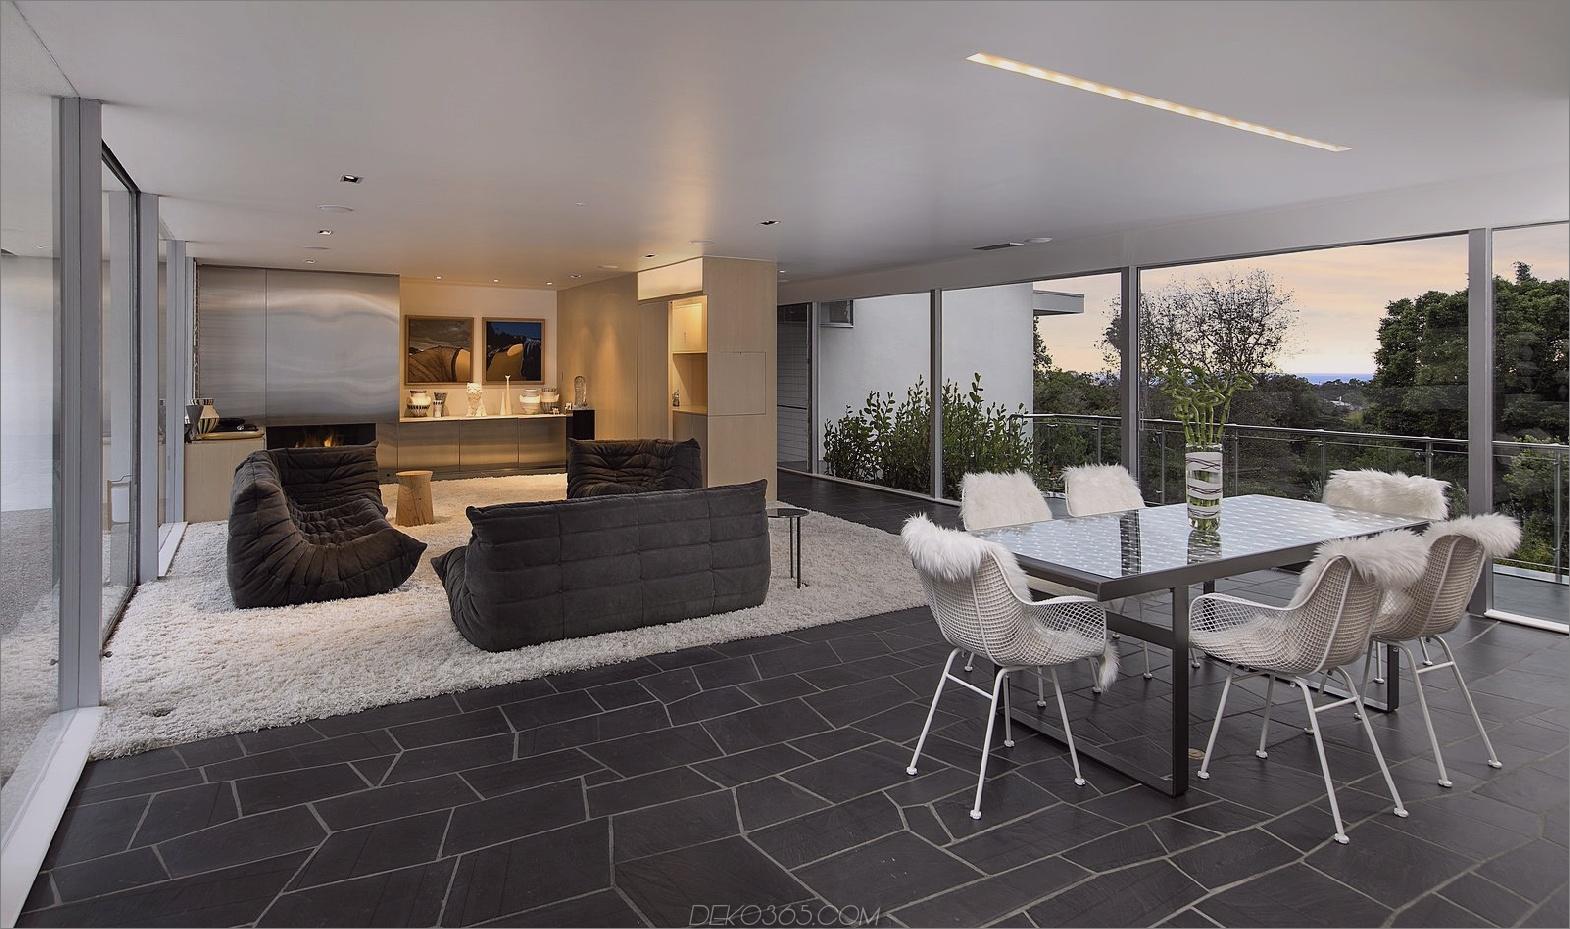 Teppich im offenen Grundriss Möglichkeiten zum Dekorieren eines offenen Grundrisses, ohne den Raum zu überfüllen